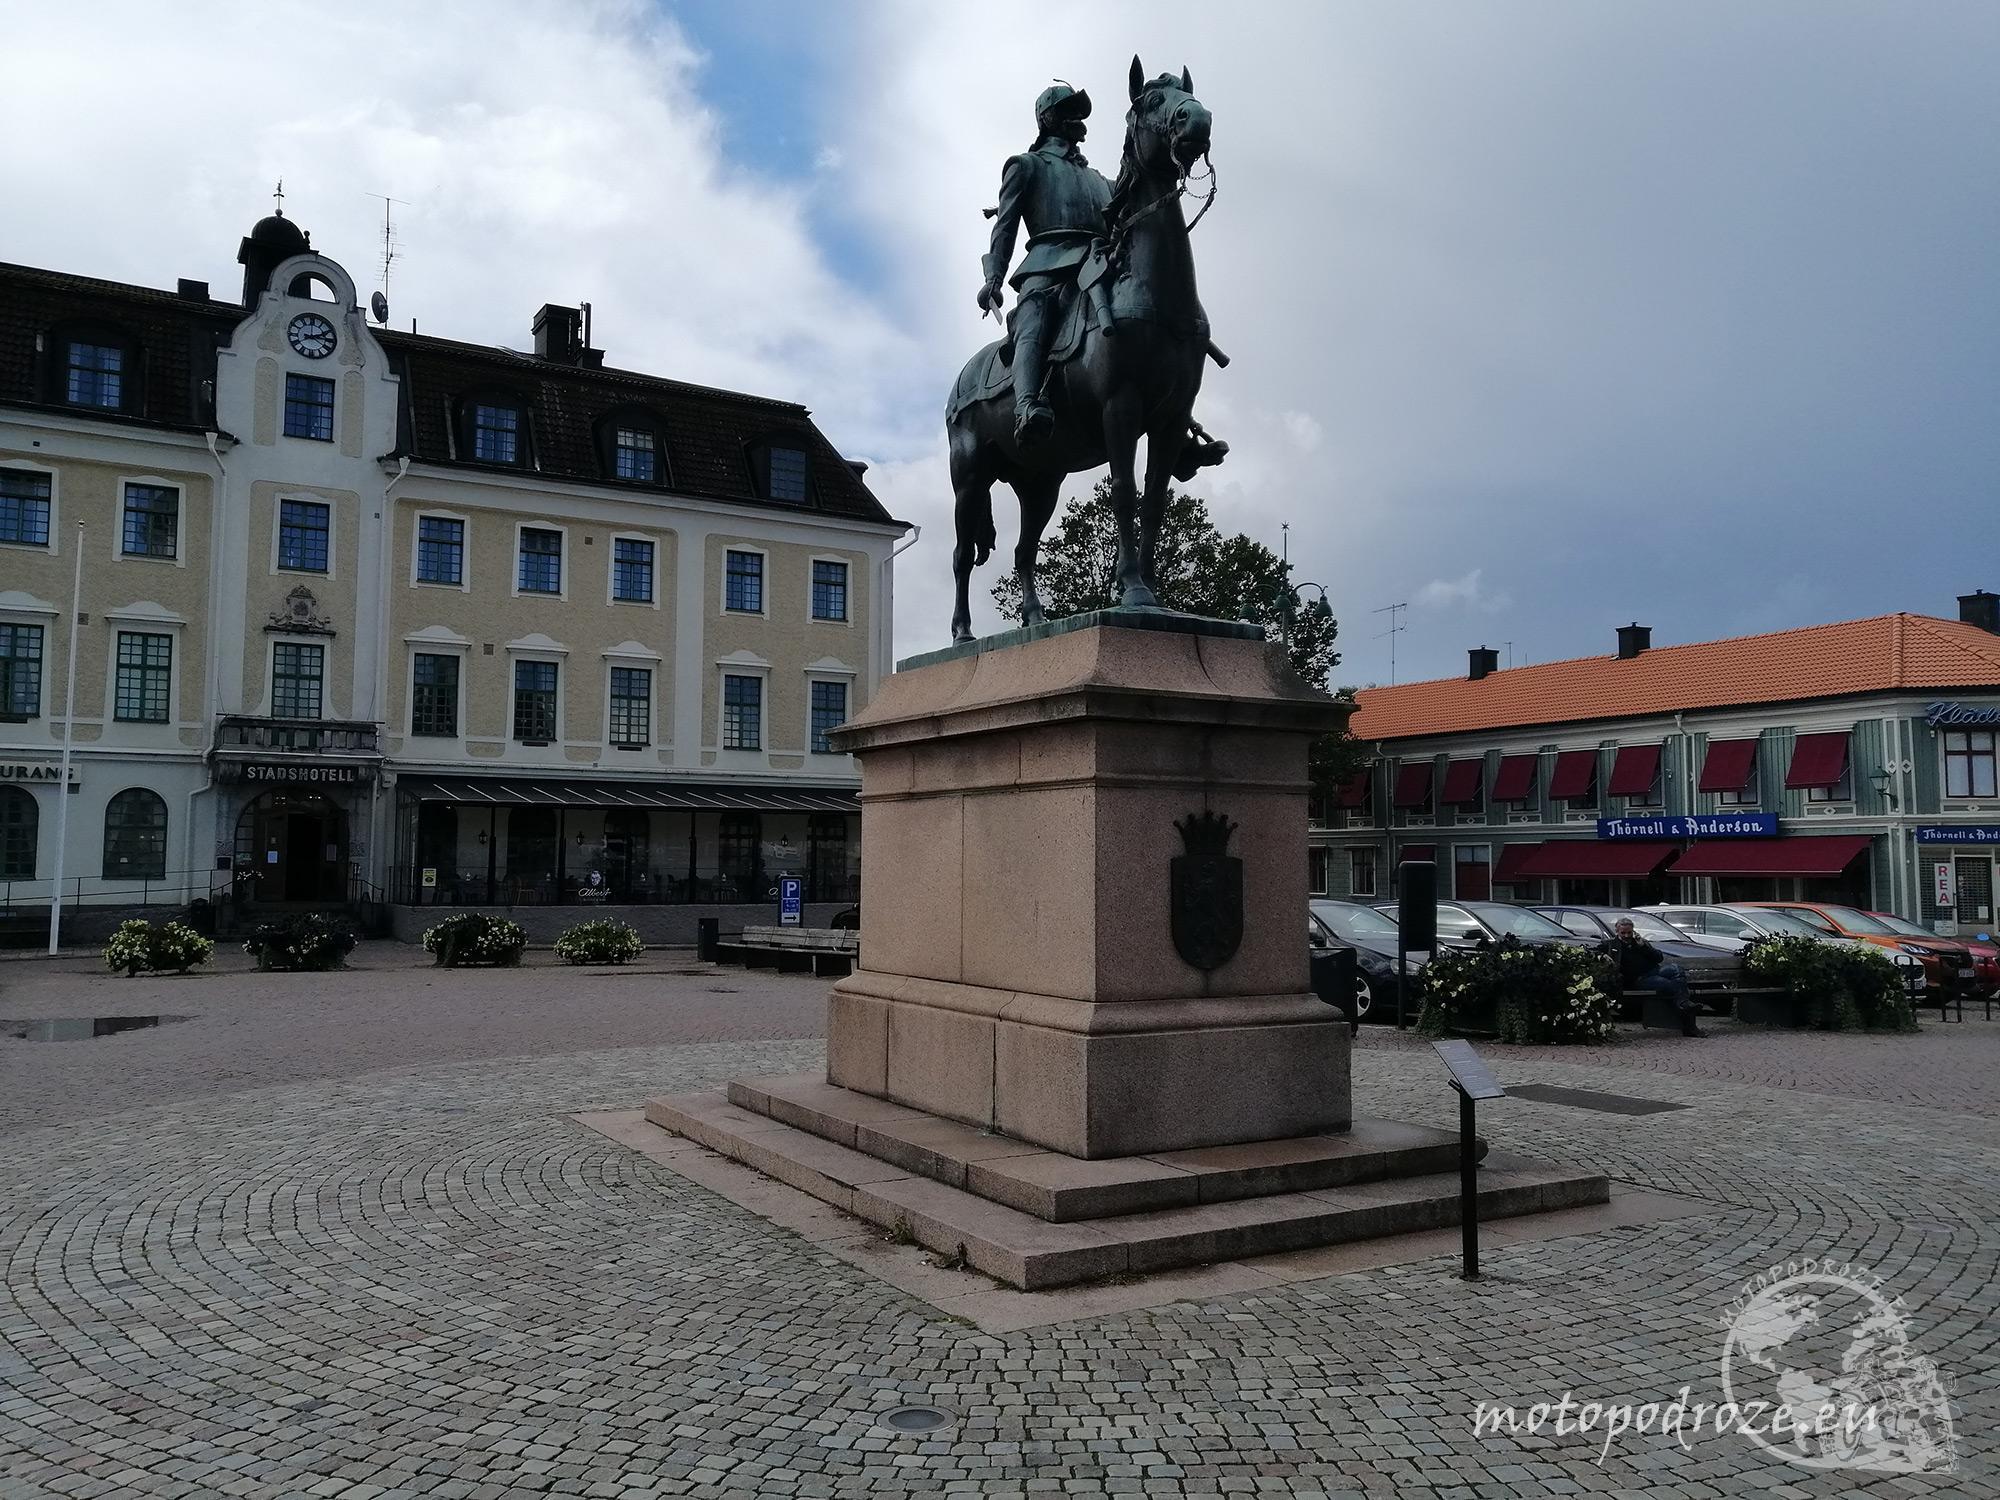 Pomnik jeźdźca na koniu Eksjö